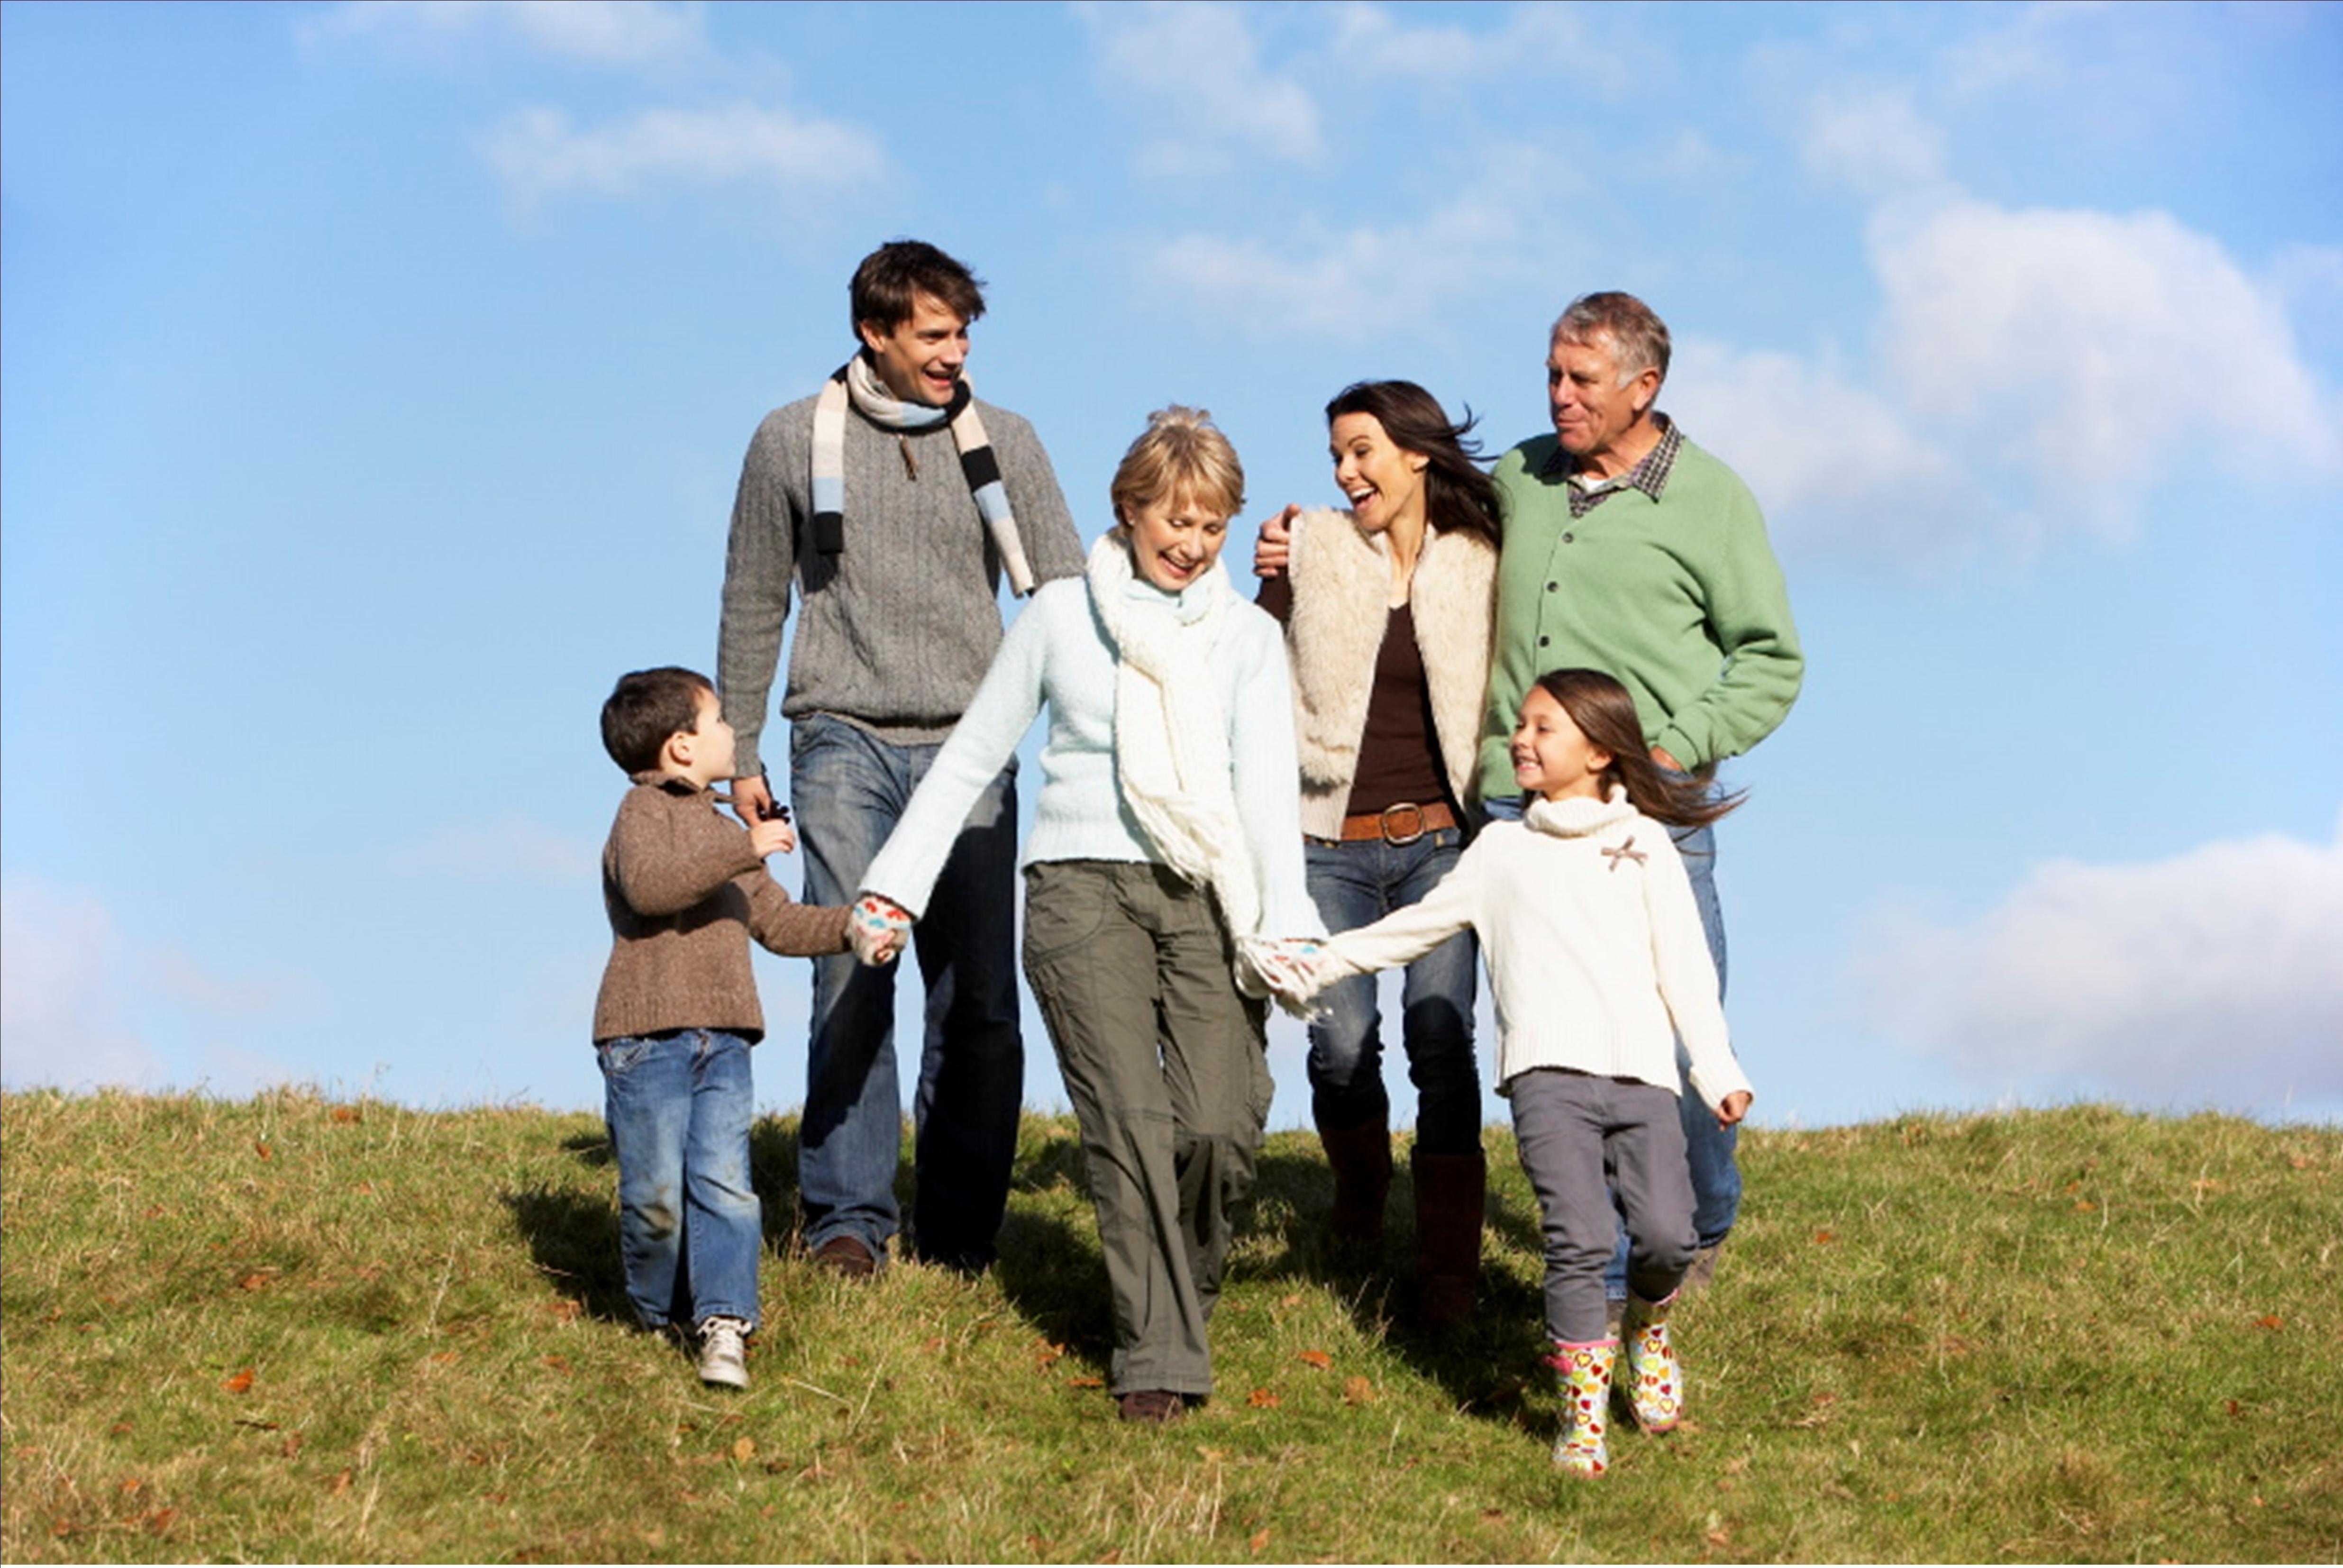 Januártól még több támogatásra számíthatnak a családok